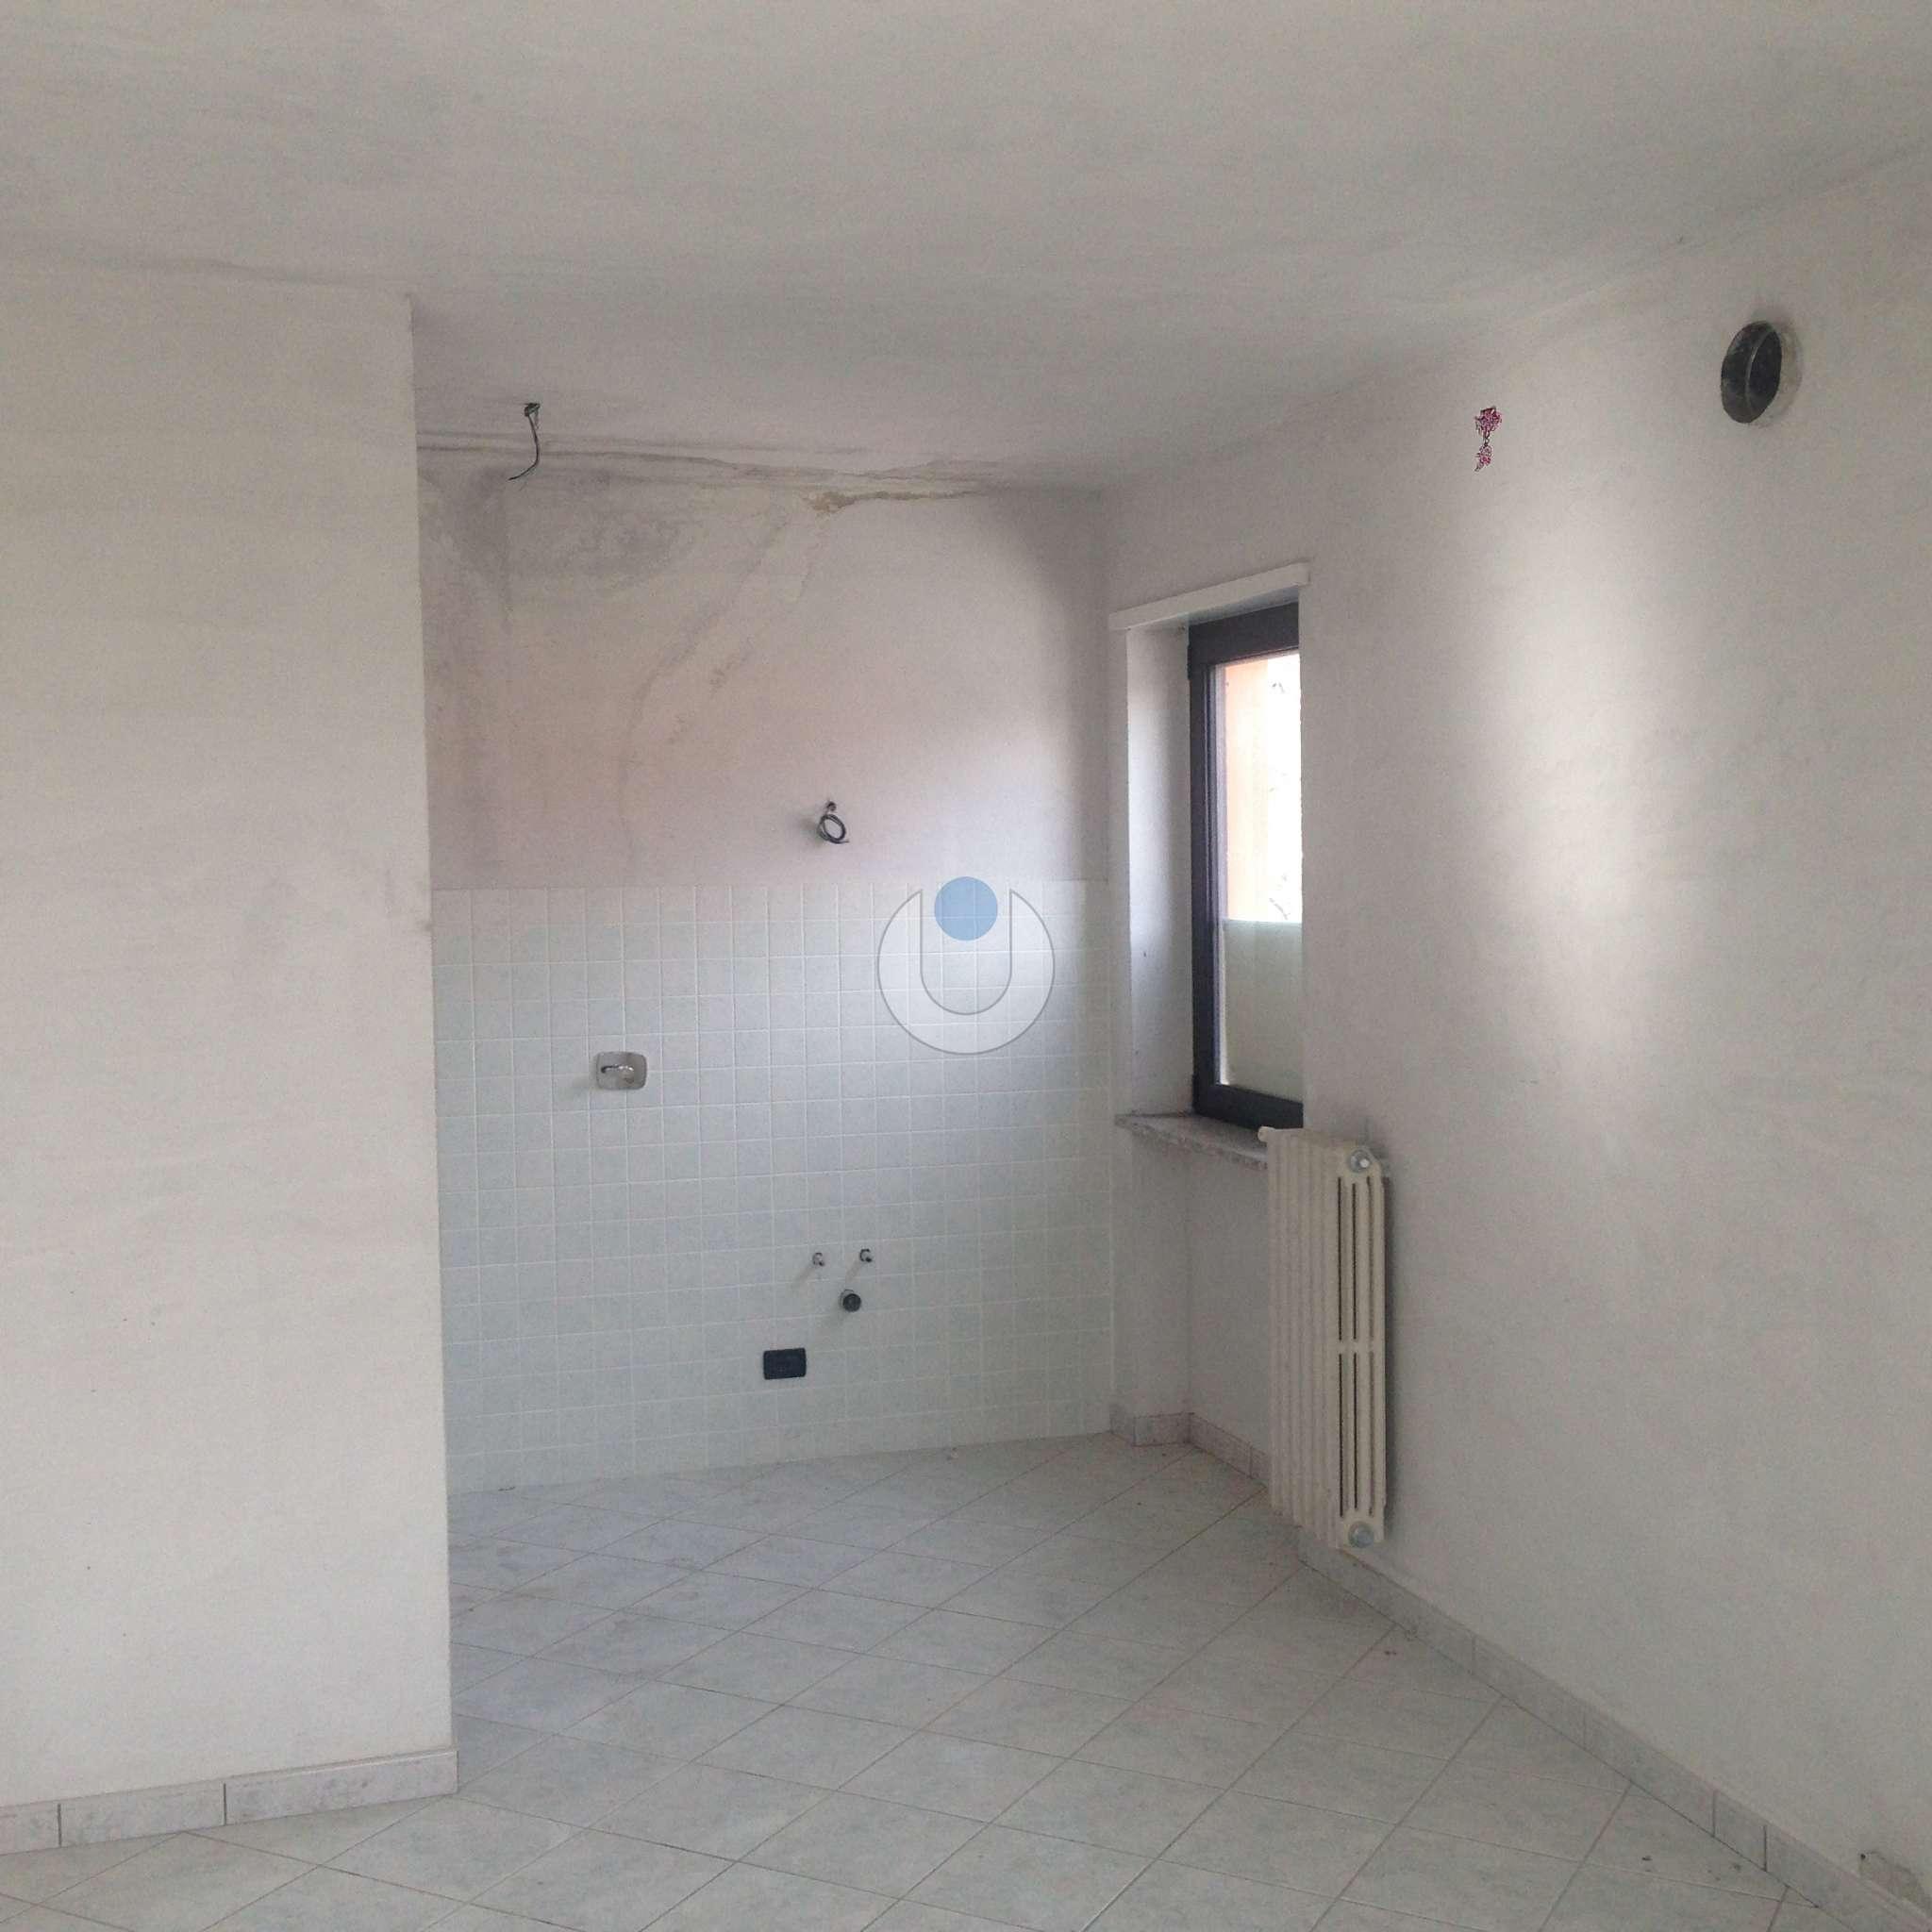 Appartamento in Vendita a Torre Pellice: 3 locali, 60 mq